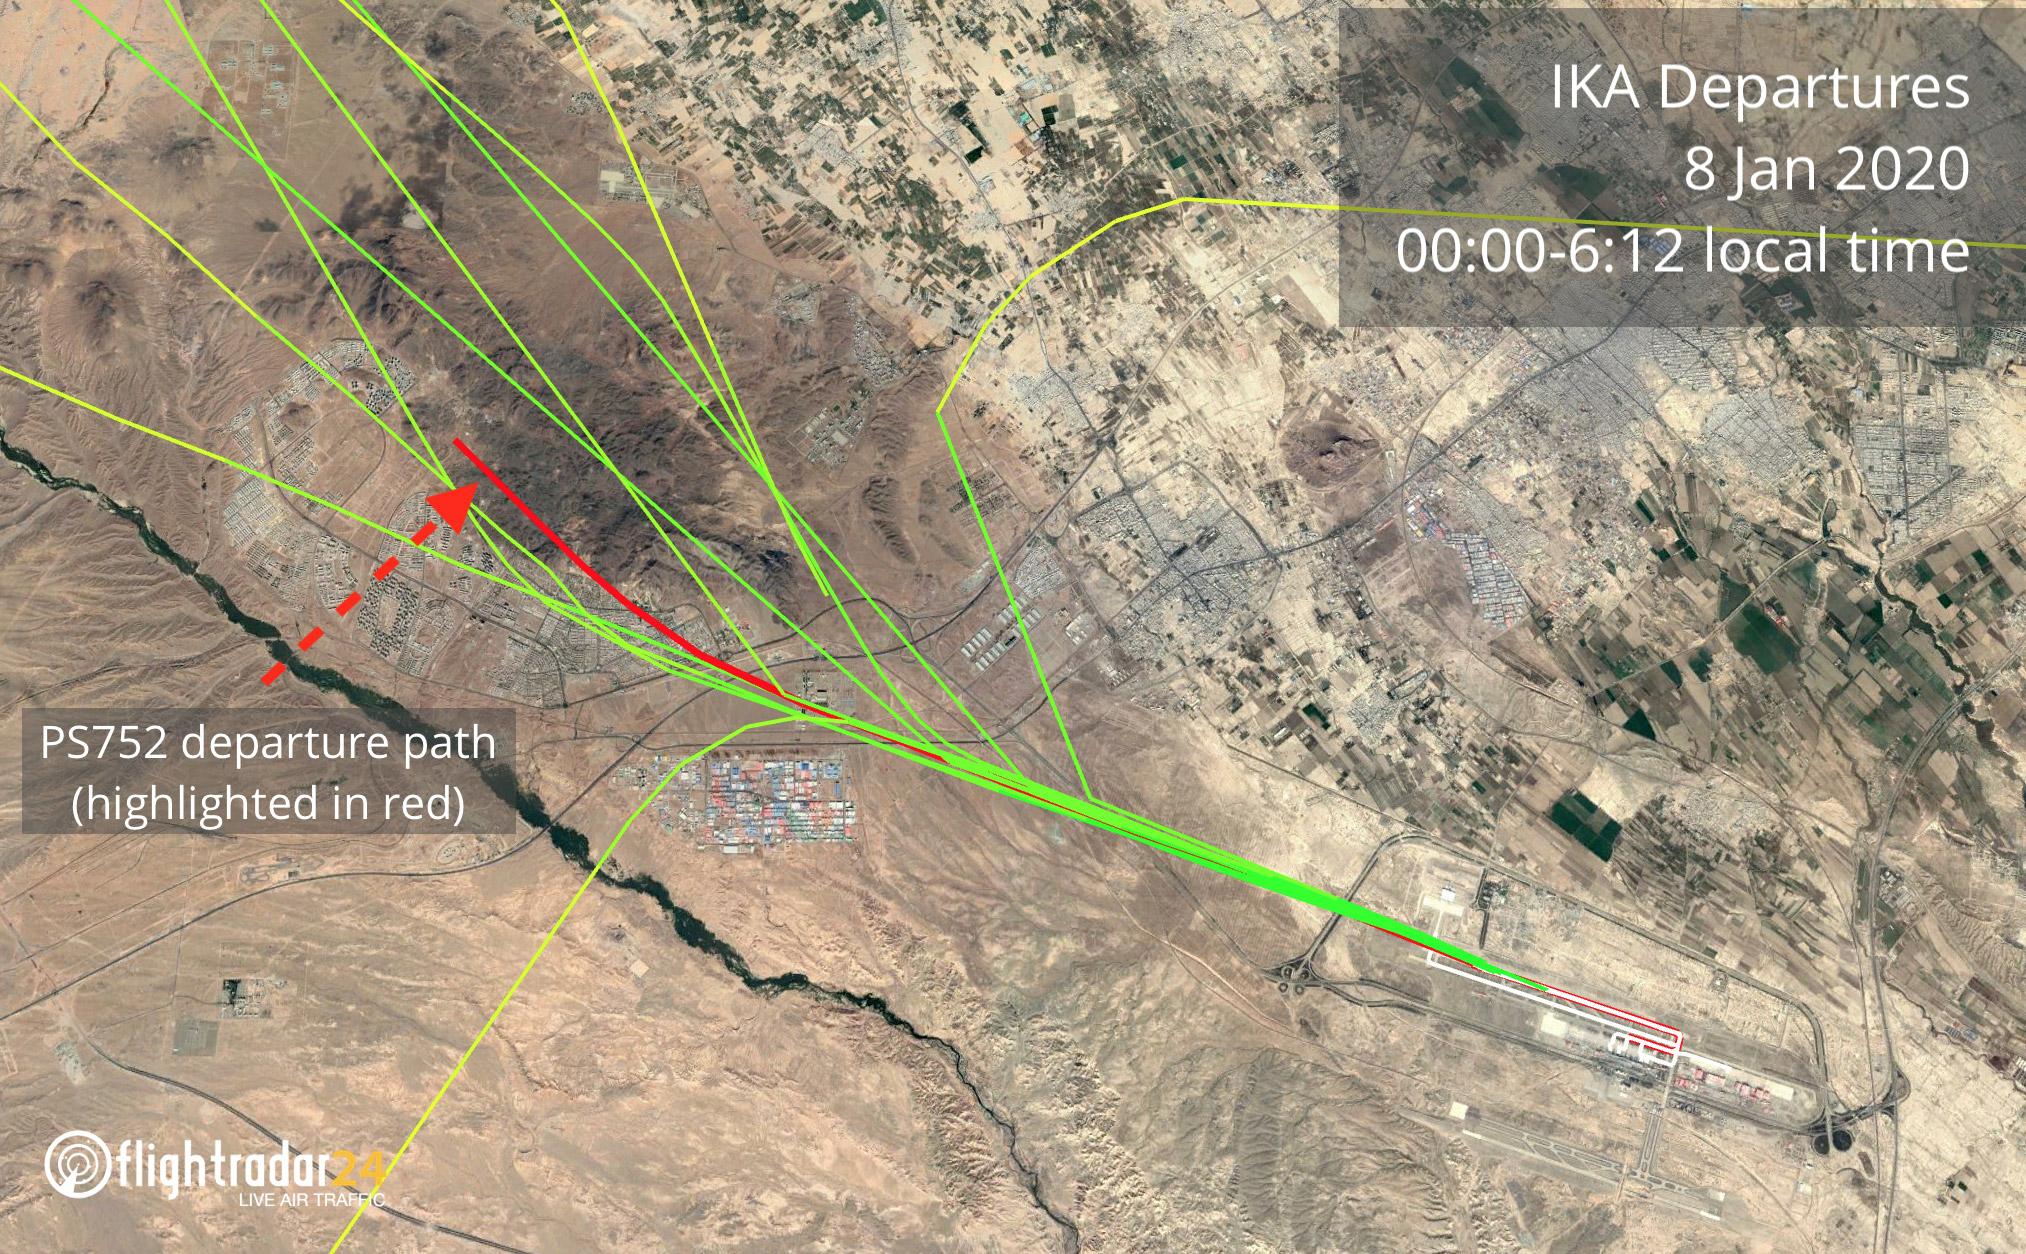 График движения самолетво при вылете из аэропорта Тегеран 8 января 202 года. Красным обозначен маршрут рейса PS 752